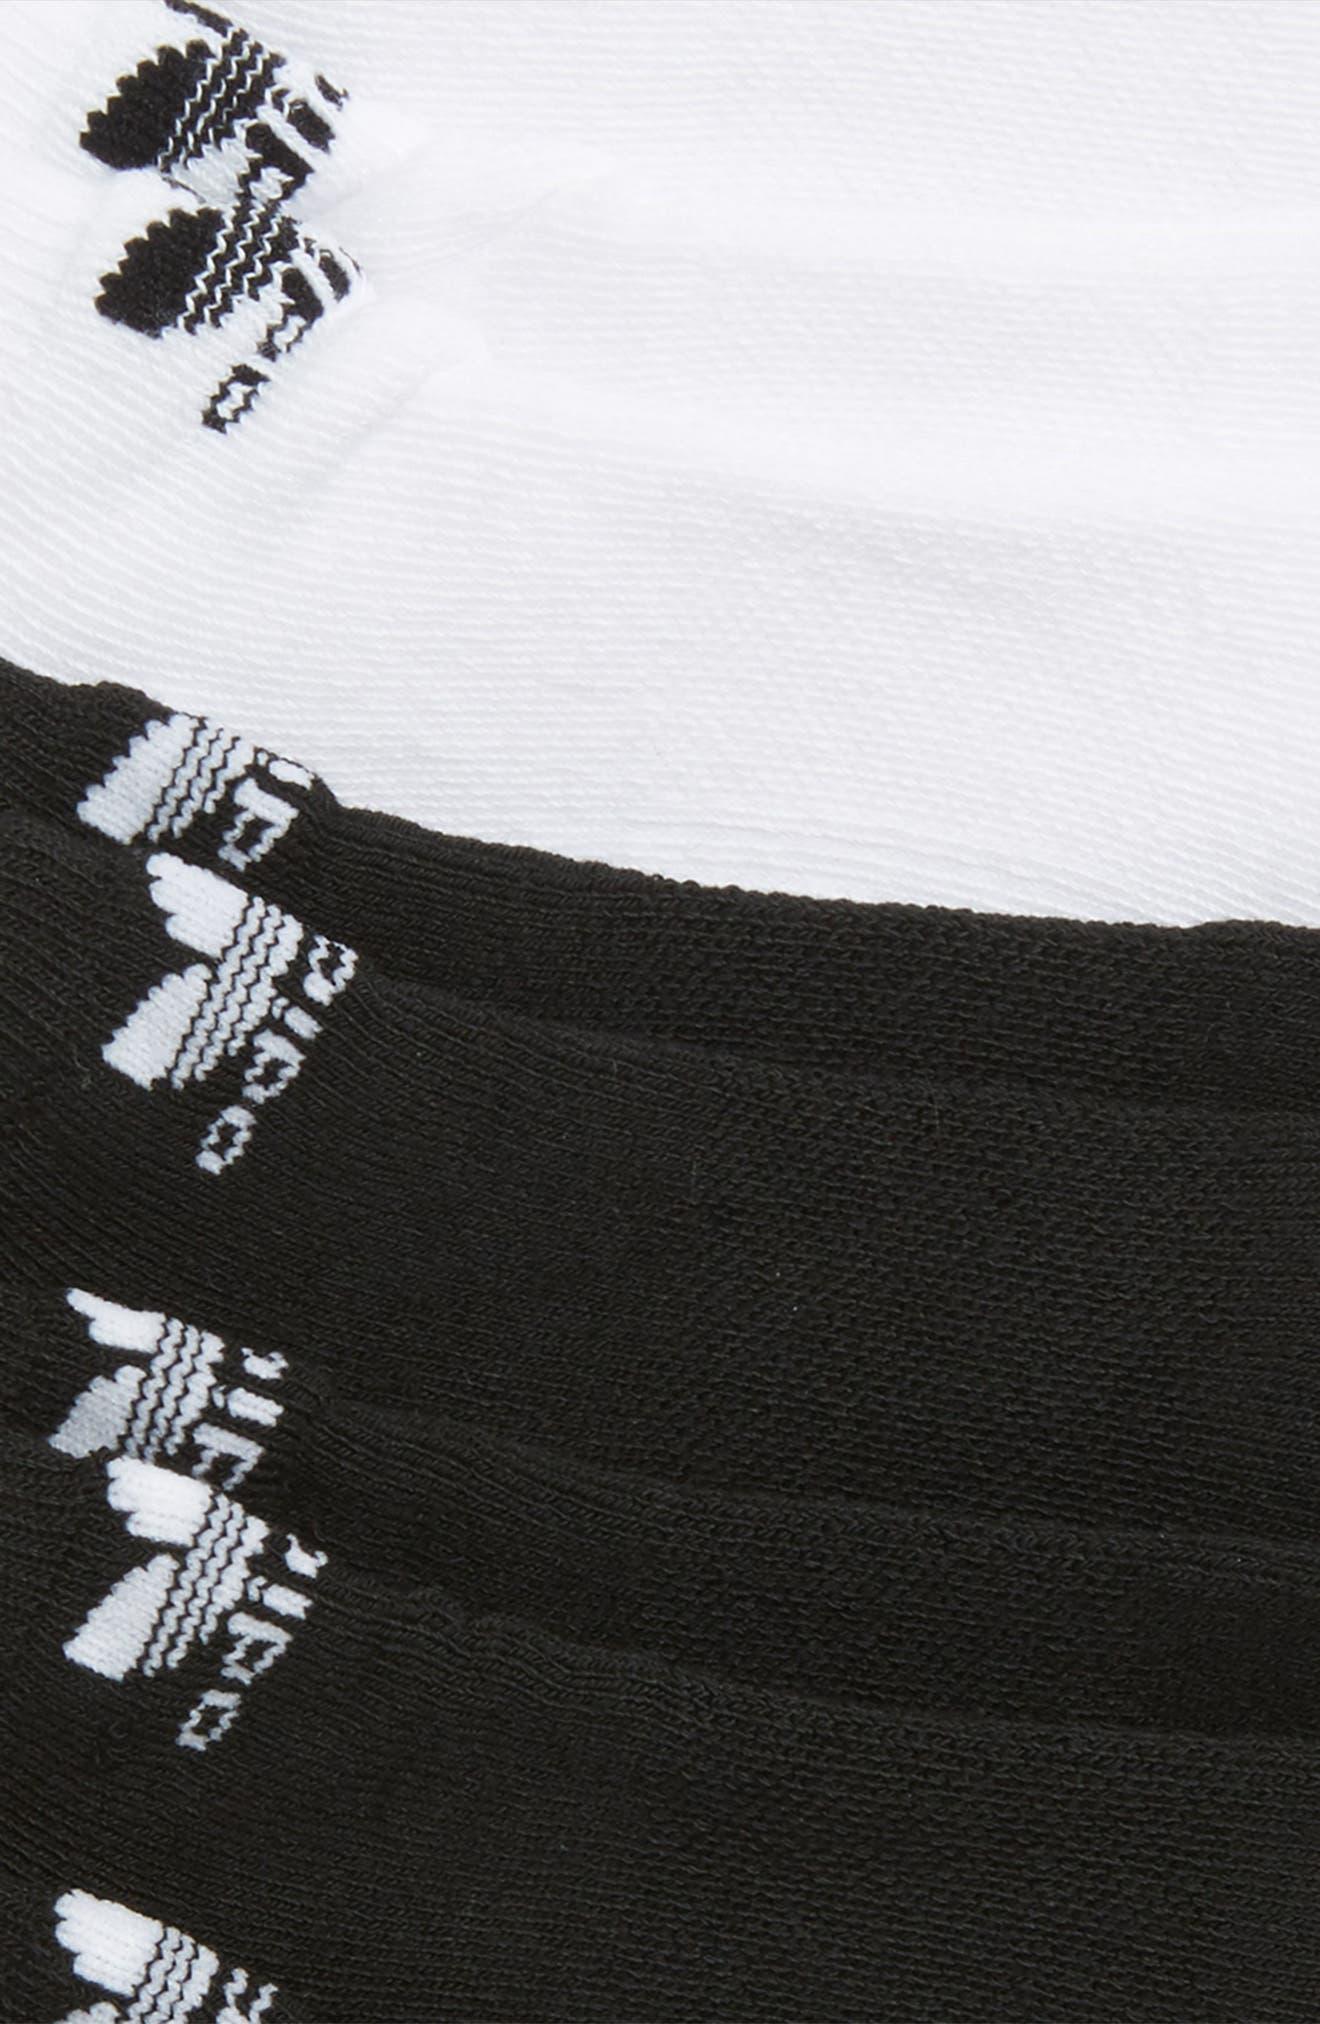 Trefoil 6-Pack No-Show Socks,                             Alternate thumbnail 2, color,                             BLACK/ WHITE